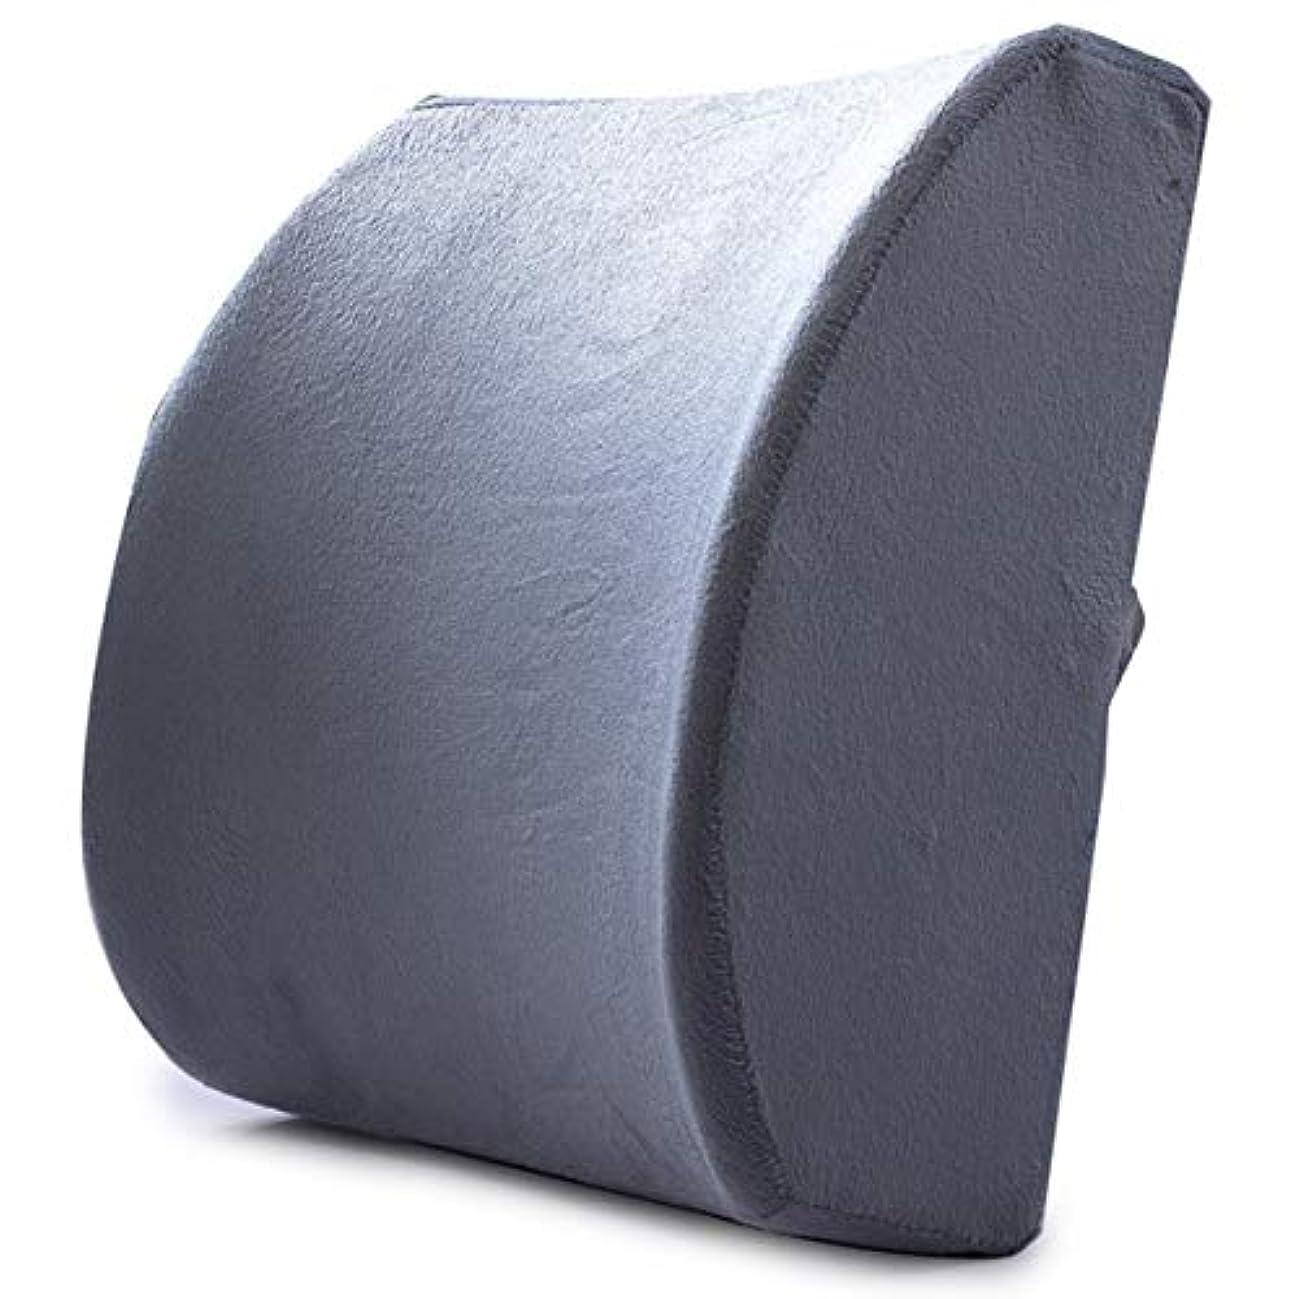 可動健康的愛するMemory Foam Lumbar Support Waist Cushion Pillow For Chairs in the Car Seat Pillows Home Office Relieve Pain